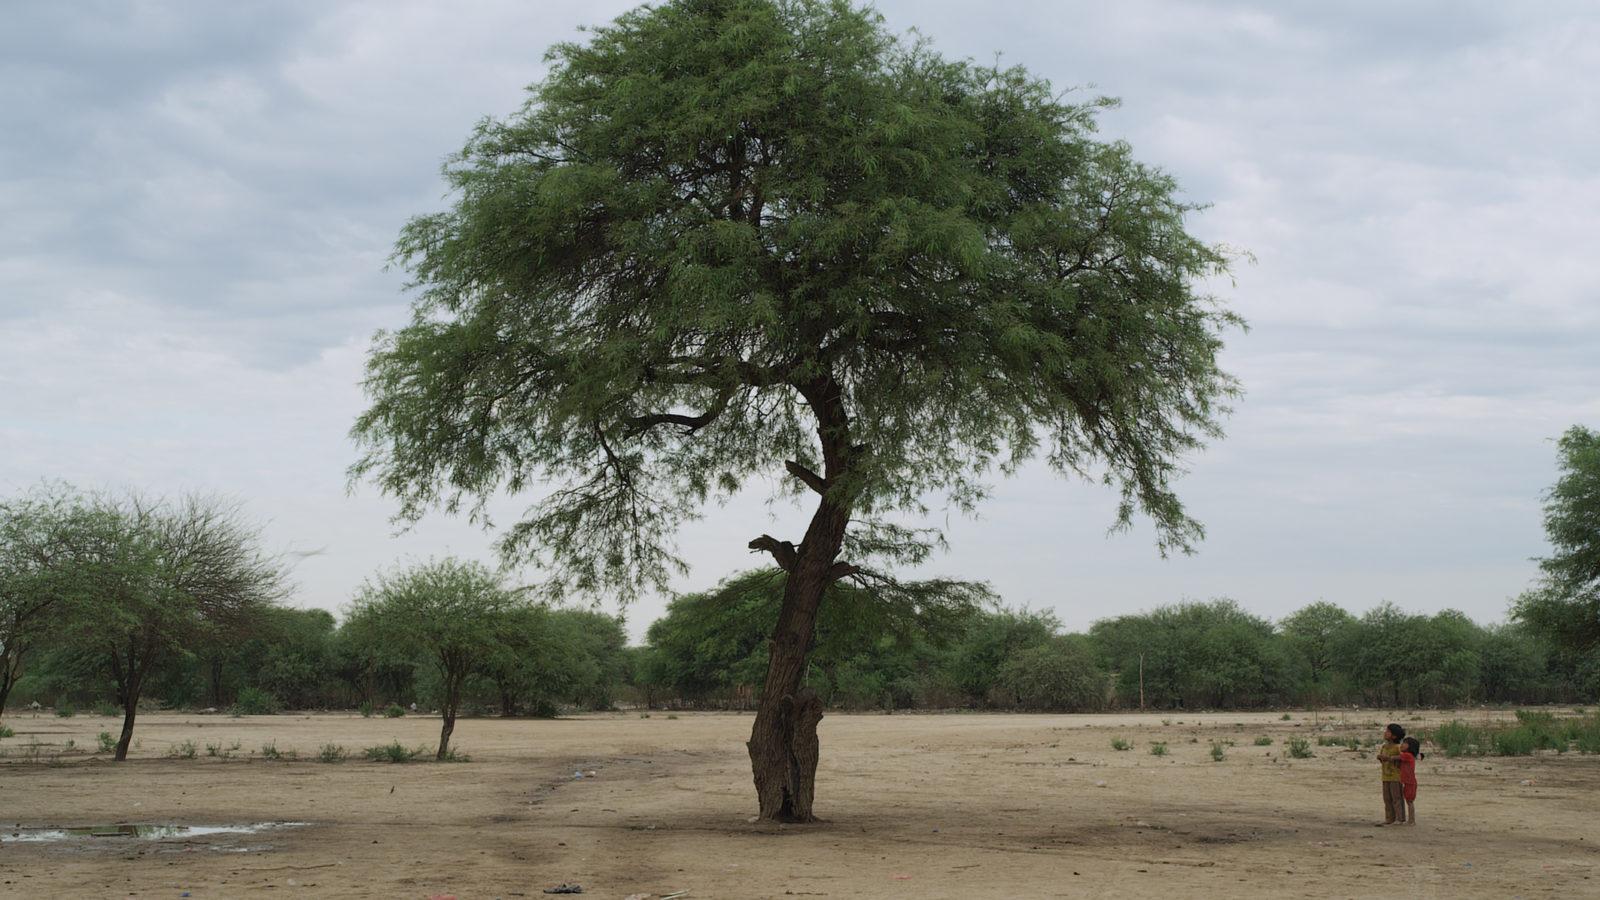 +nosilatiaj-la-belleza-01-tree-and-wichi-childs-(18x10cms-300dpi)-10-01-12 Kopie